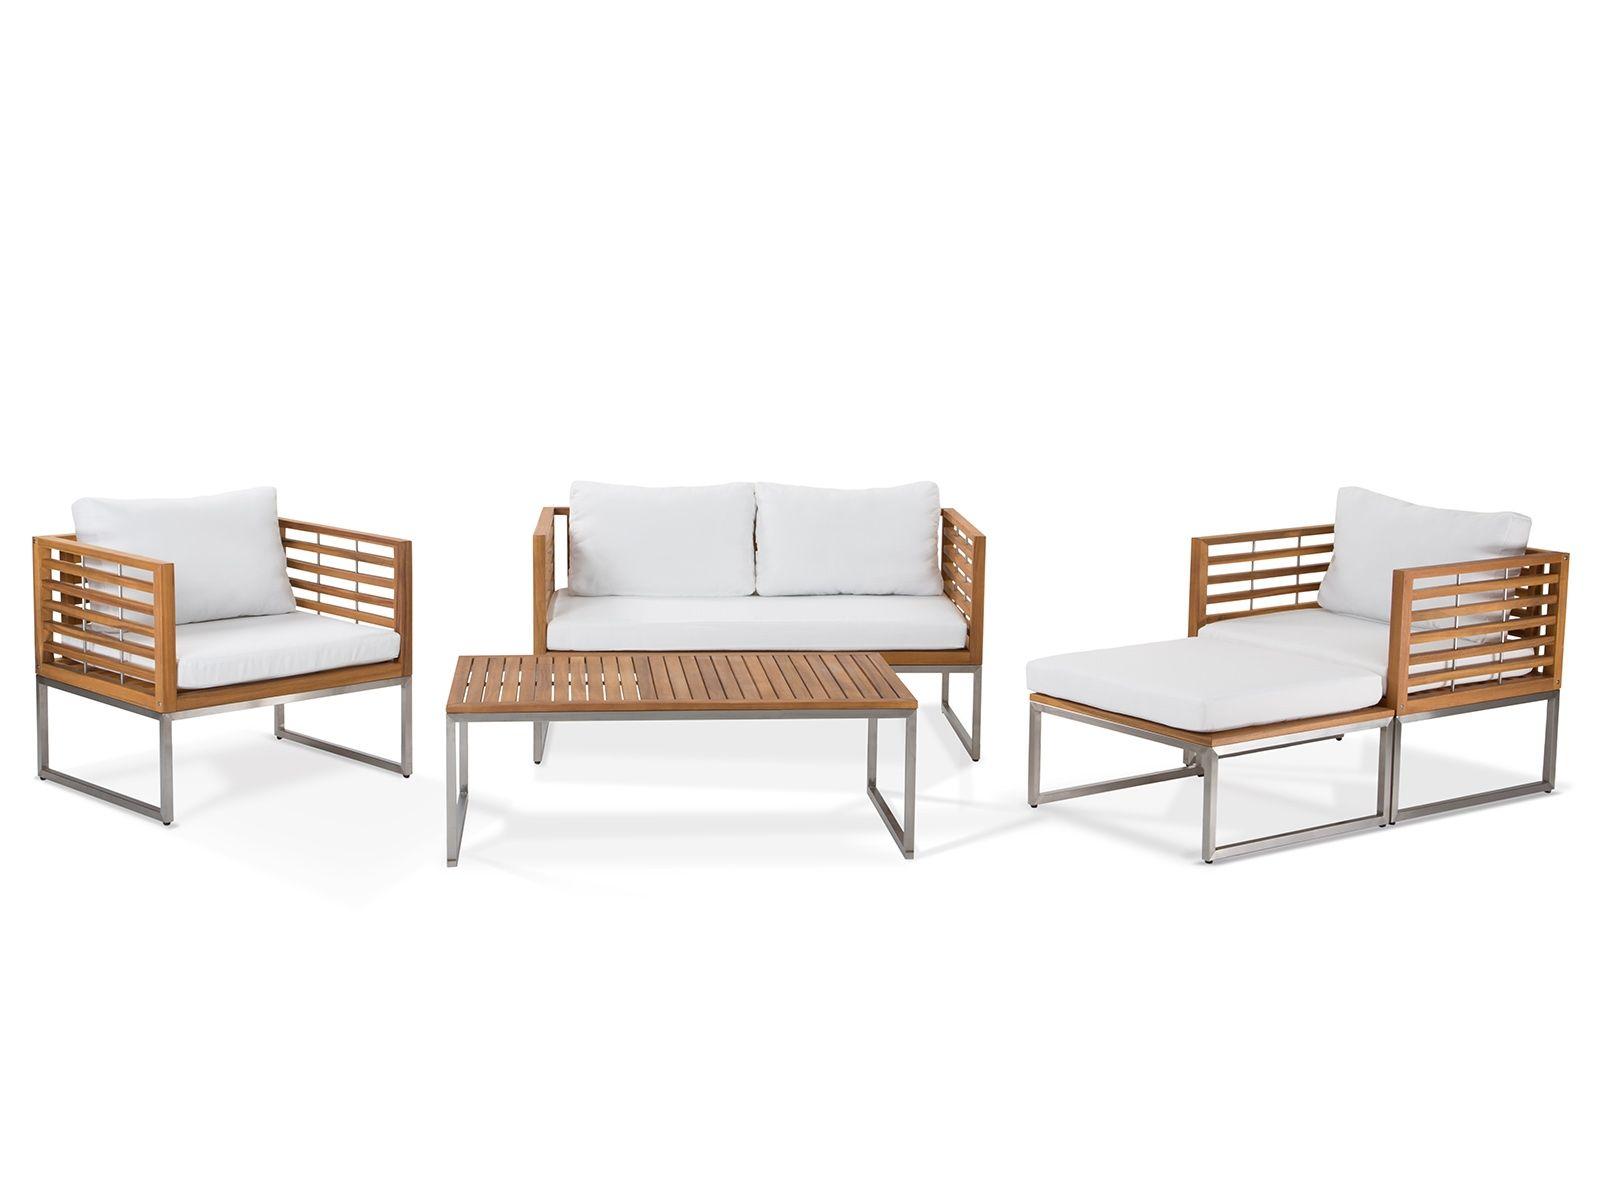 Gartenmöbel Set Holz 4-Sitzer Auflagen beige BERMUDA | Ottomans ...